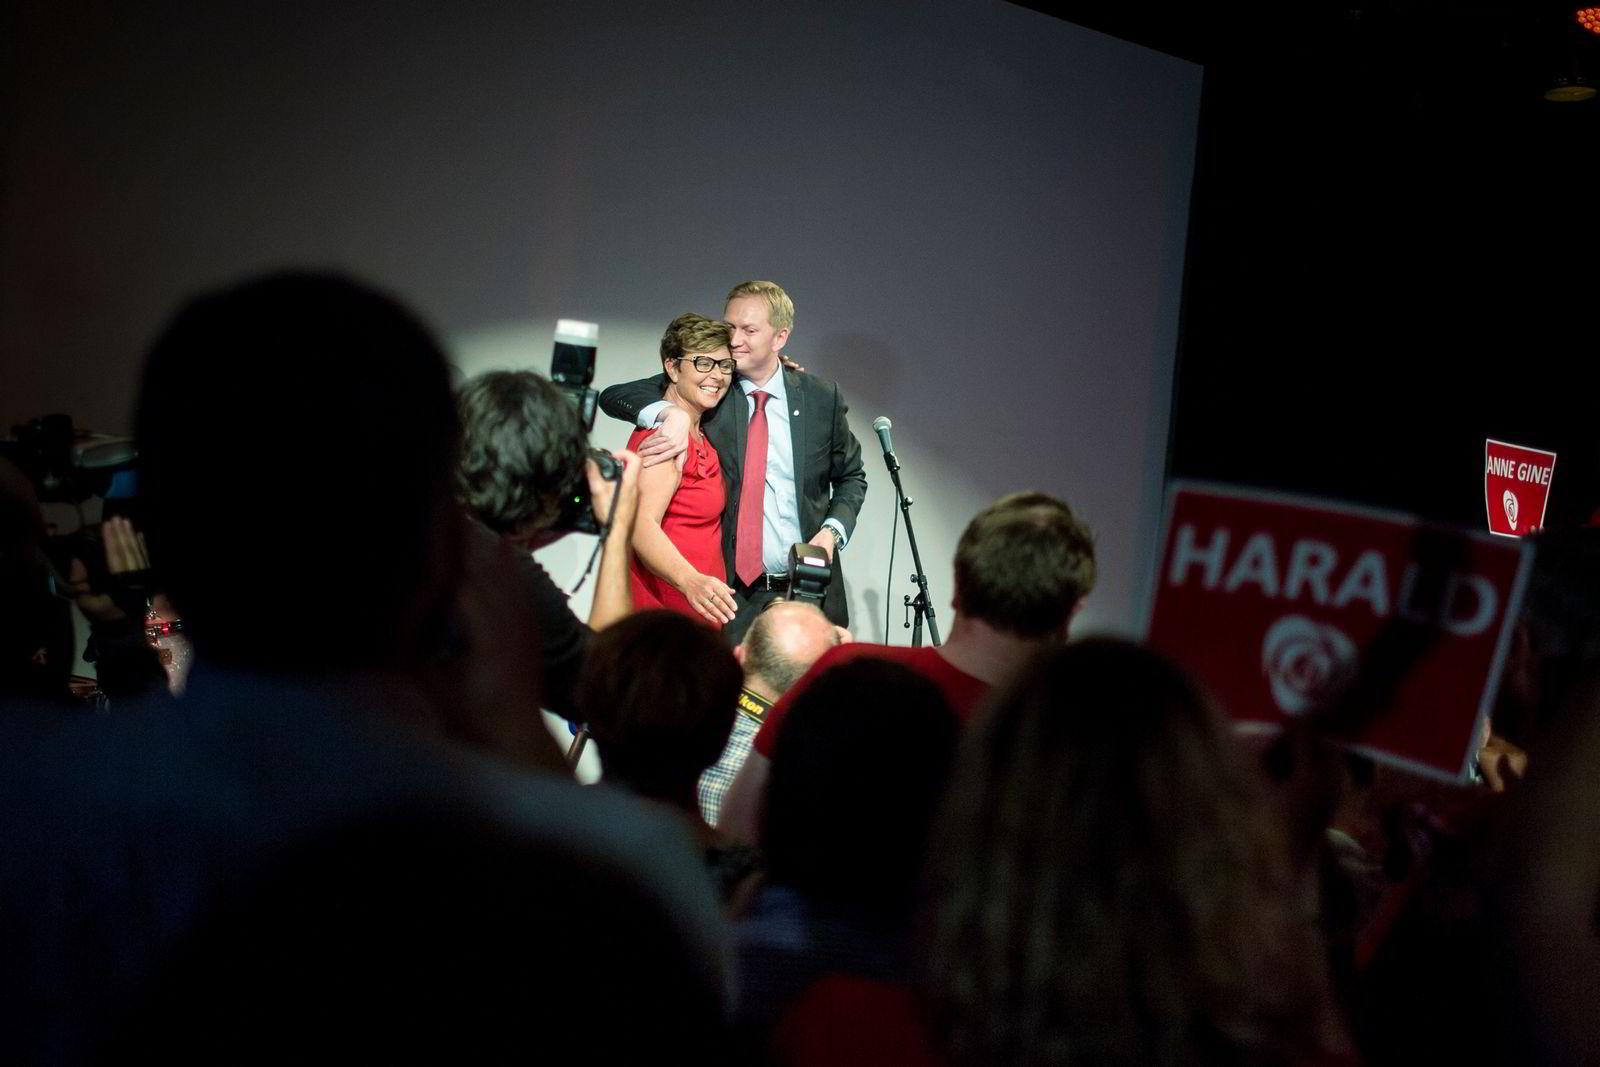 APs valgvake. Arbeiderpartiets Harald Schjelderup og Anne Gine Hestetun gratulerer hverandre med seieren i Bergen.